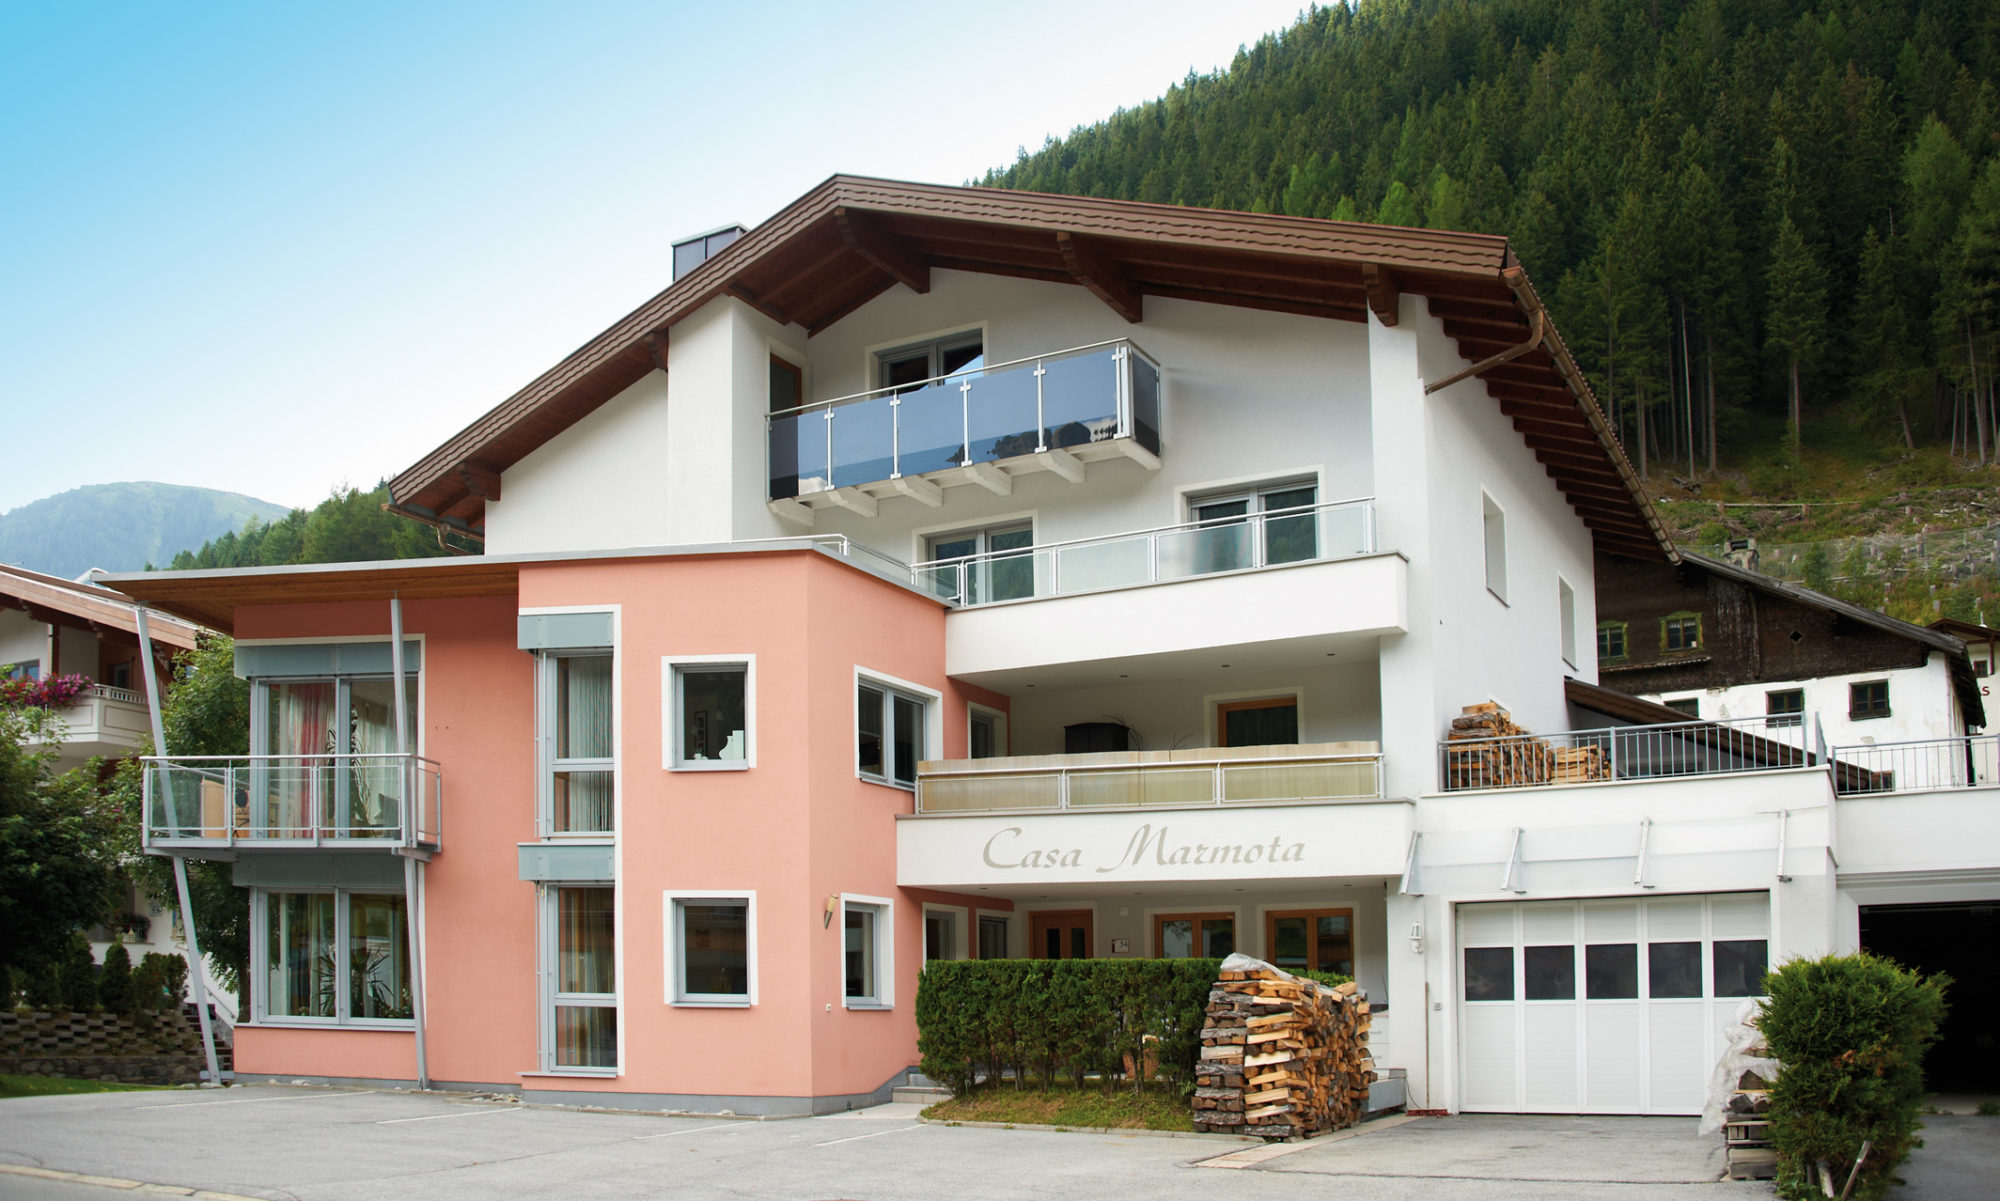 Ferienwohnungen in Ischgl-Mathon